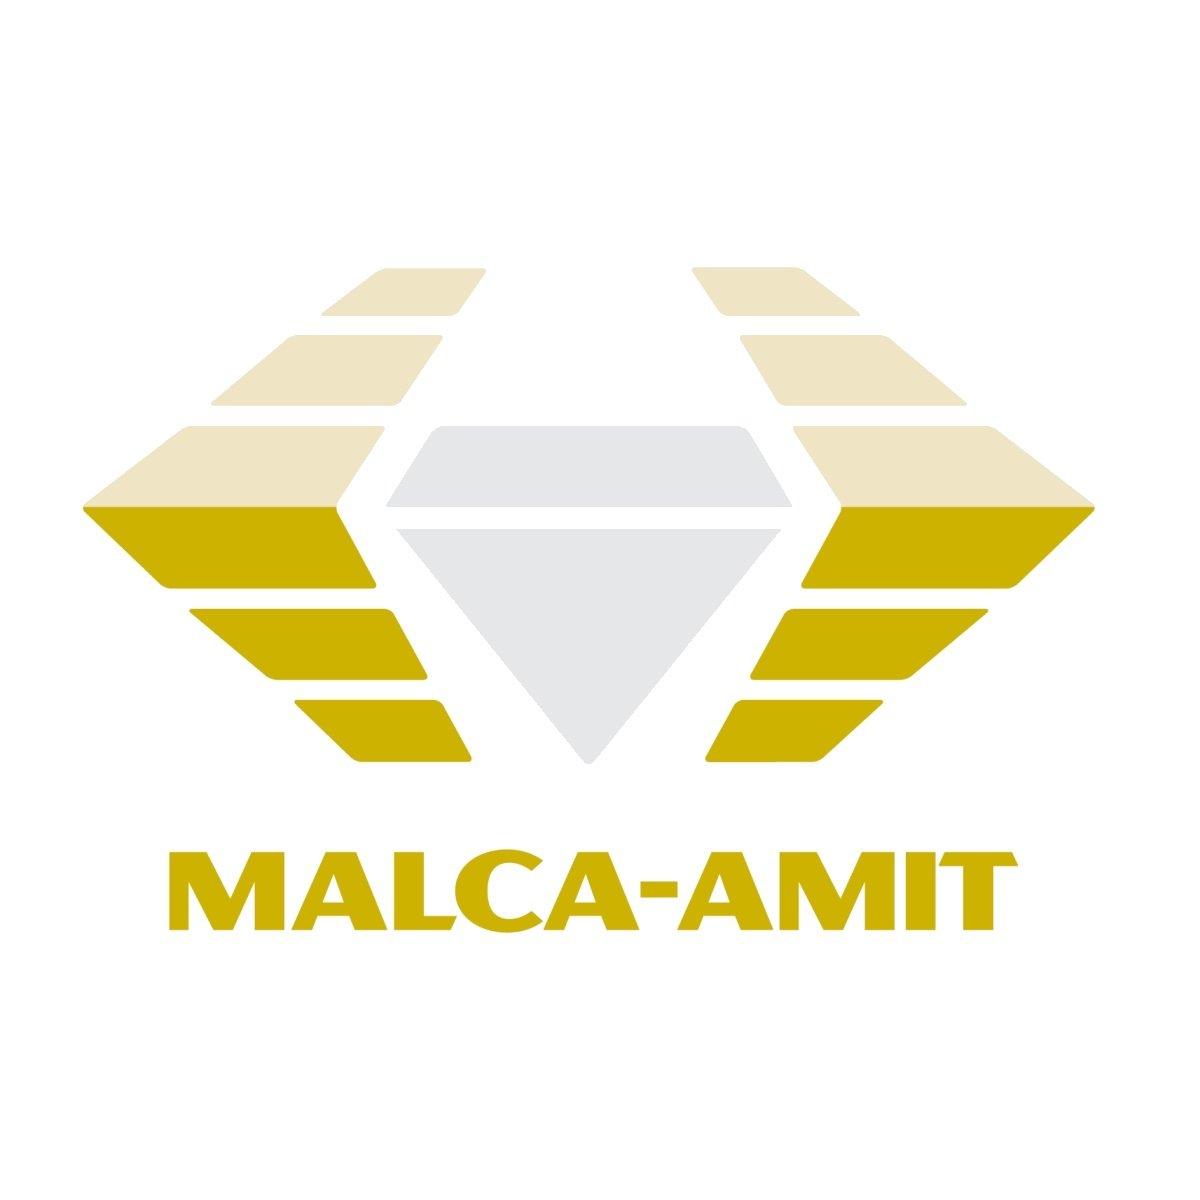 Malca-Amit Logo